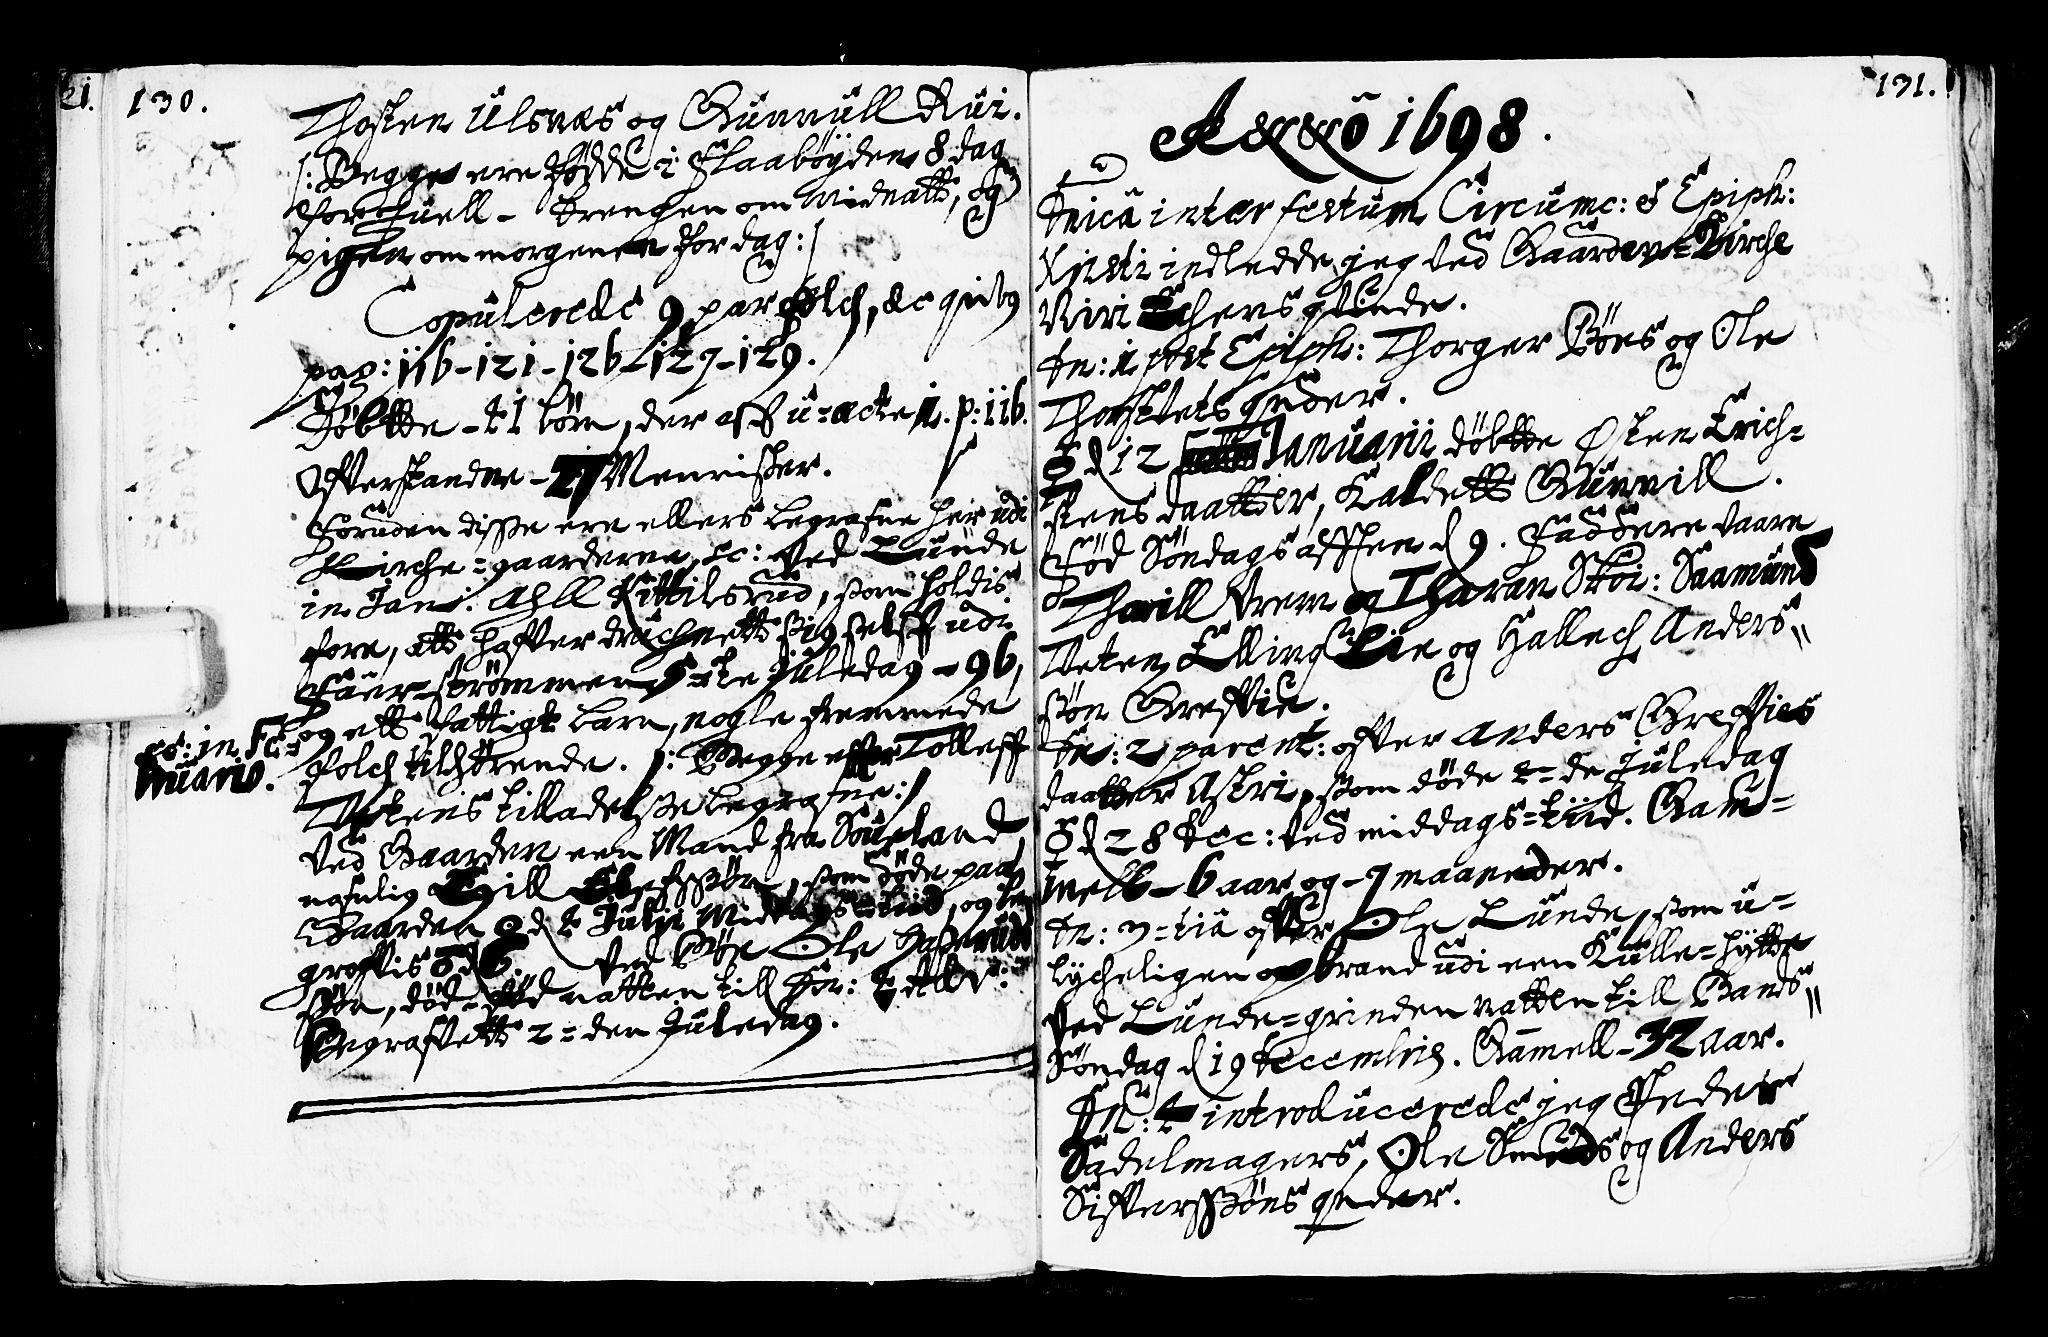 SAKO, Bø kirkebøker, F/Fa/L0001: Ministerialbok nr. 1, 1689-1699, s. 130-131